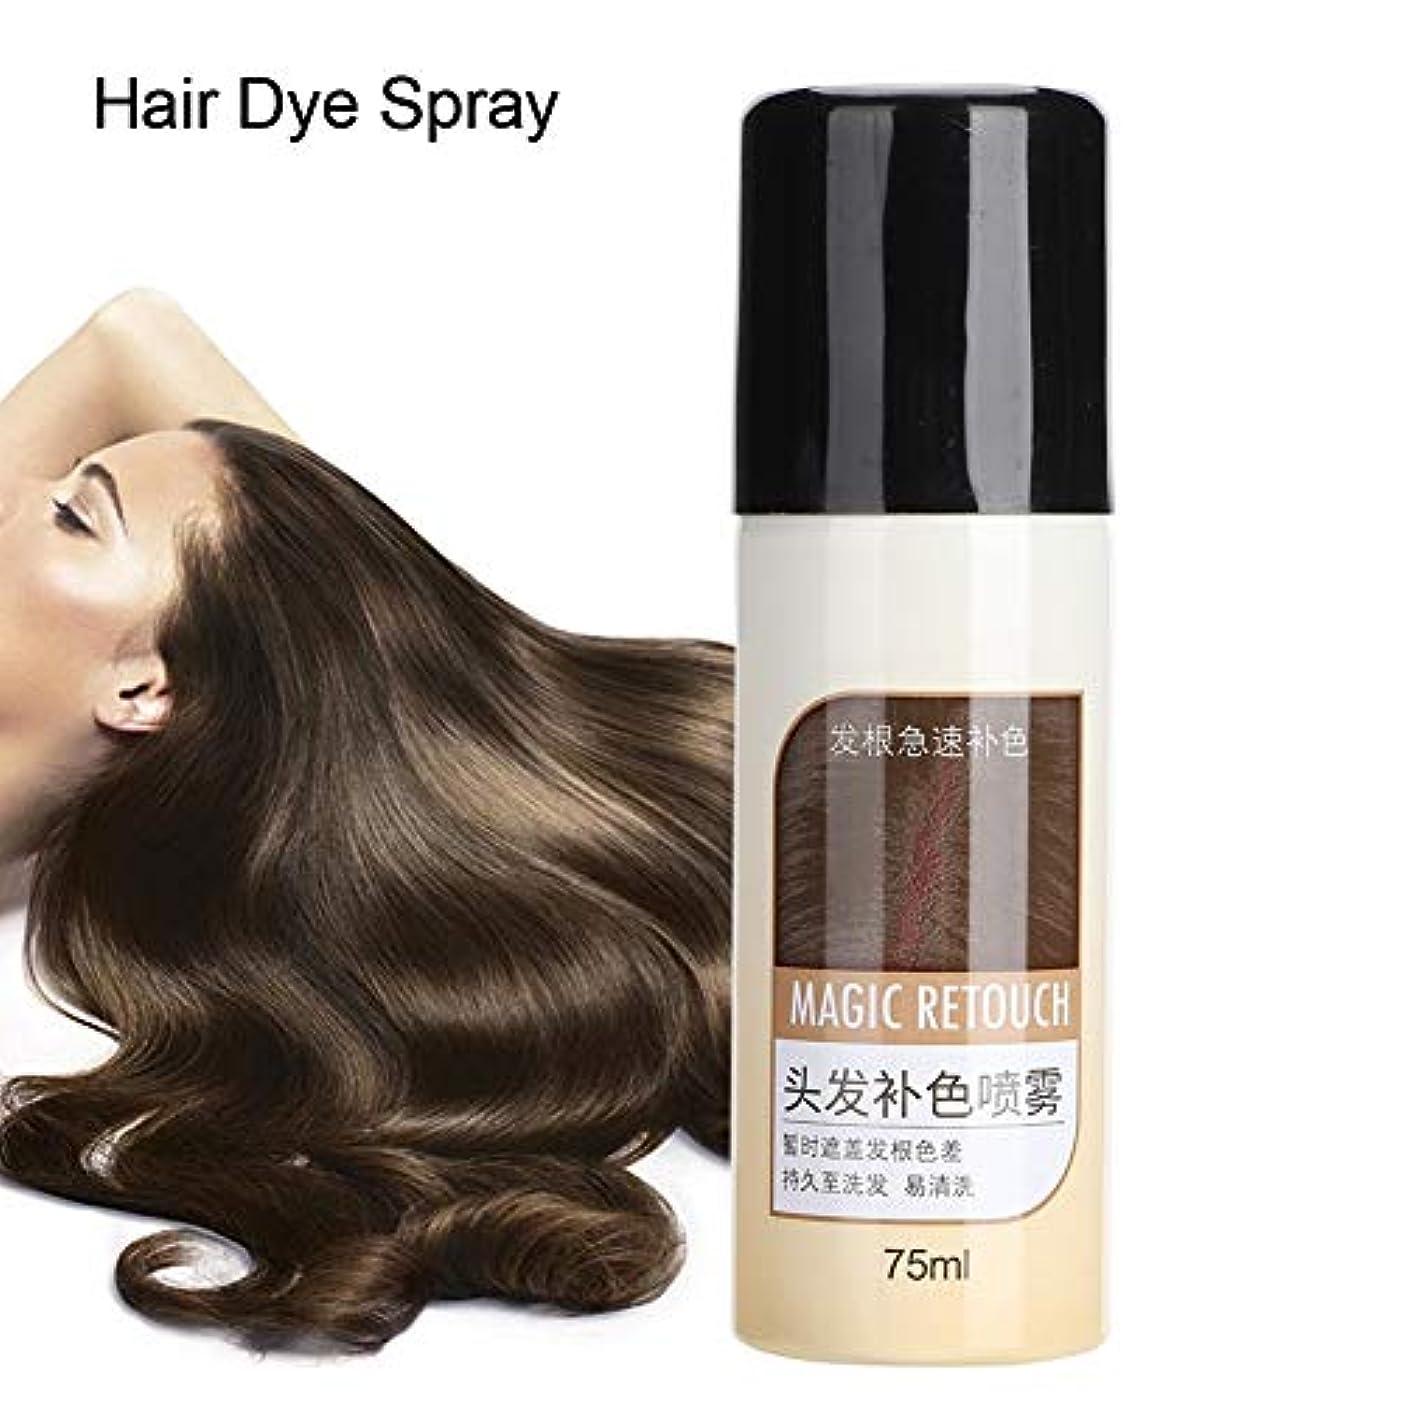 振る舞いレッスンレッスンヘアダイ、べたつかないマットヘアスタイル栄養補給用洗えるスプレーカバー白髪用長続きするカラー染料750ml (#1)